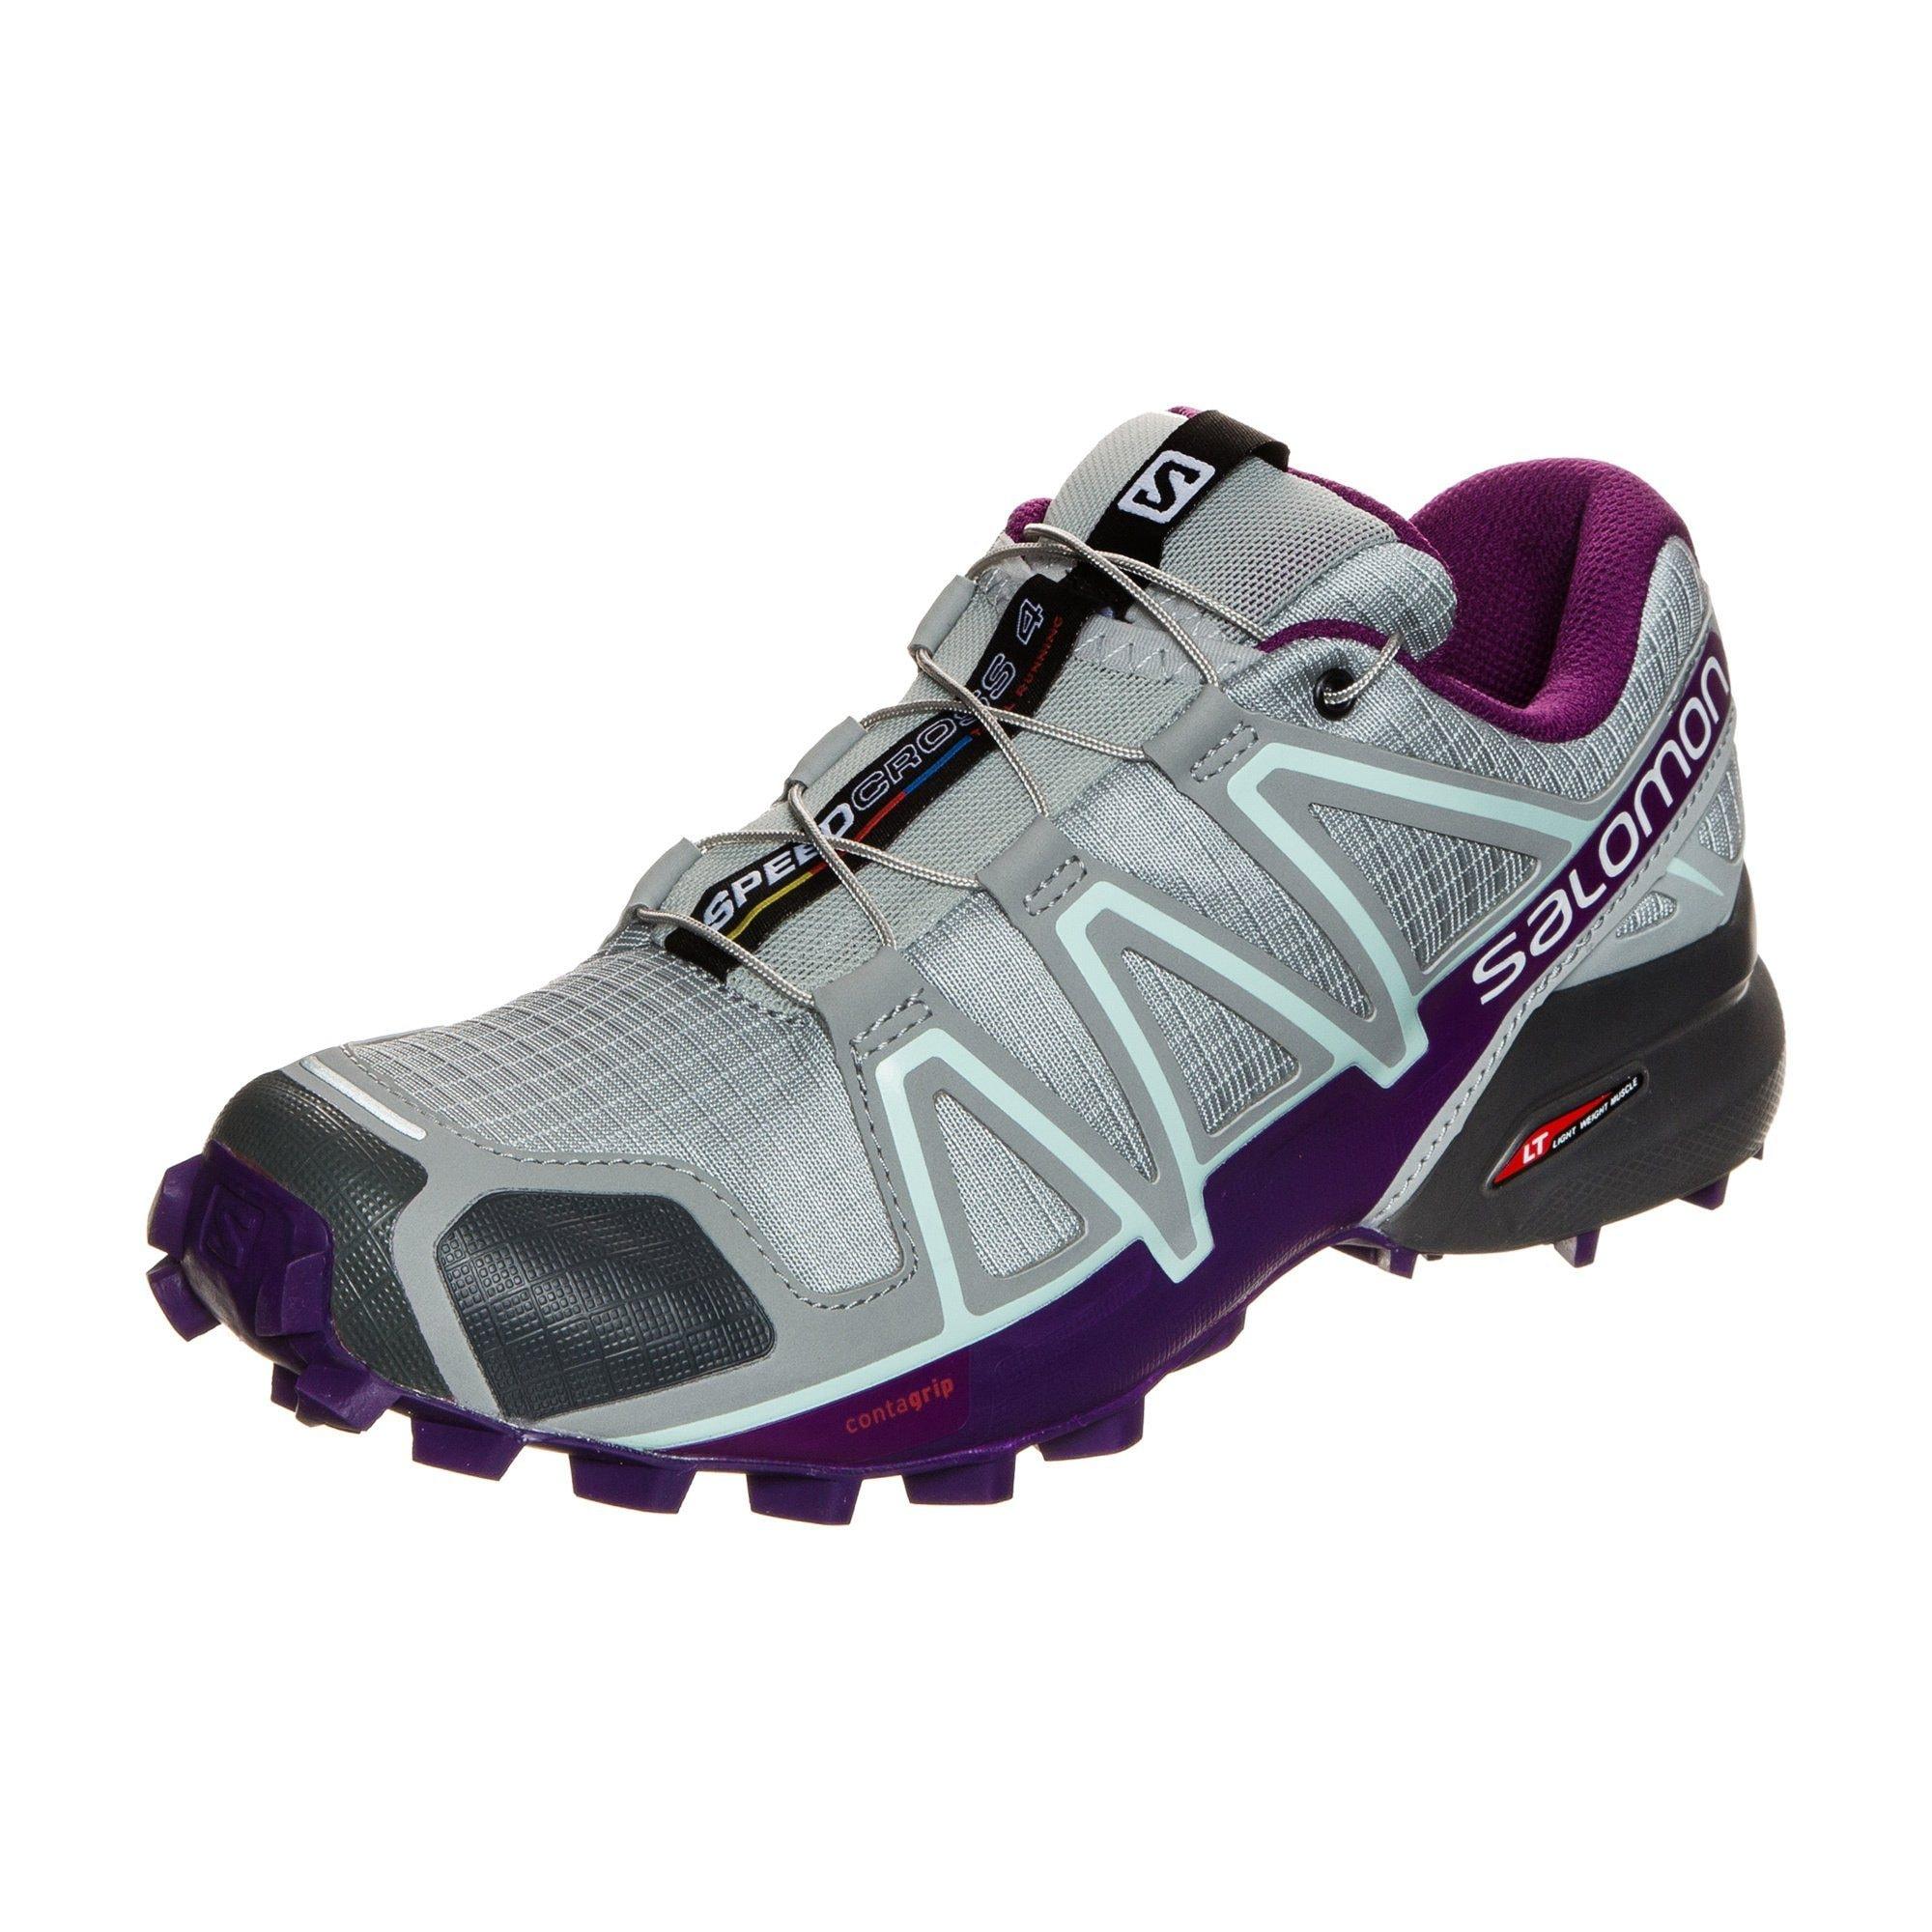 Salomon Speedcross 4 Trail Laufschuh Damen auf Rechnung kaufen | BAUR